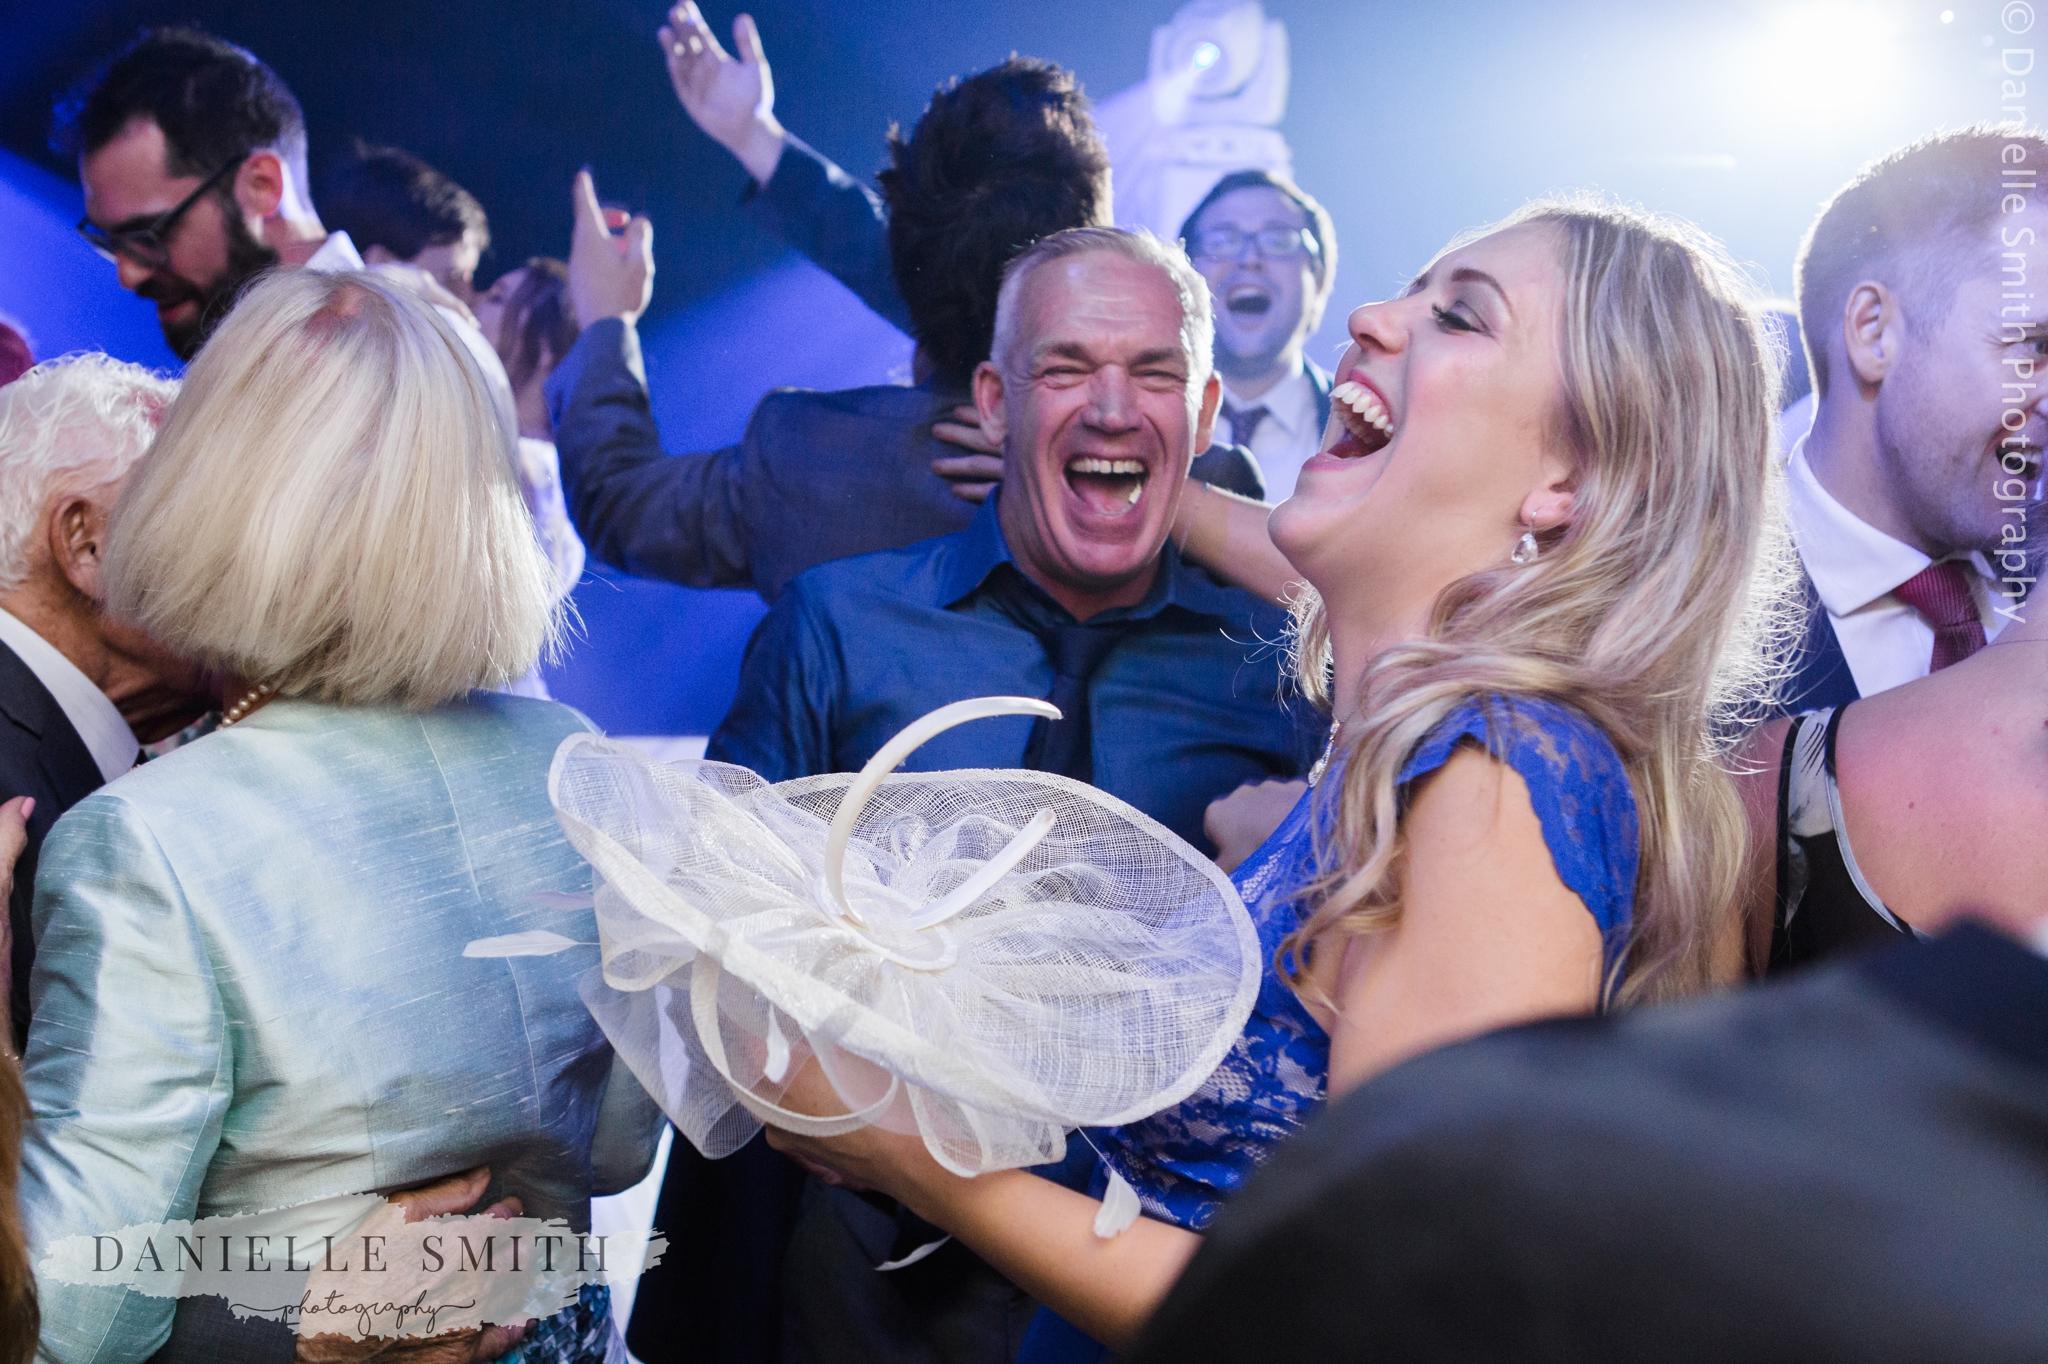 wedding guests having fun on dance floor